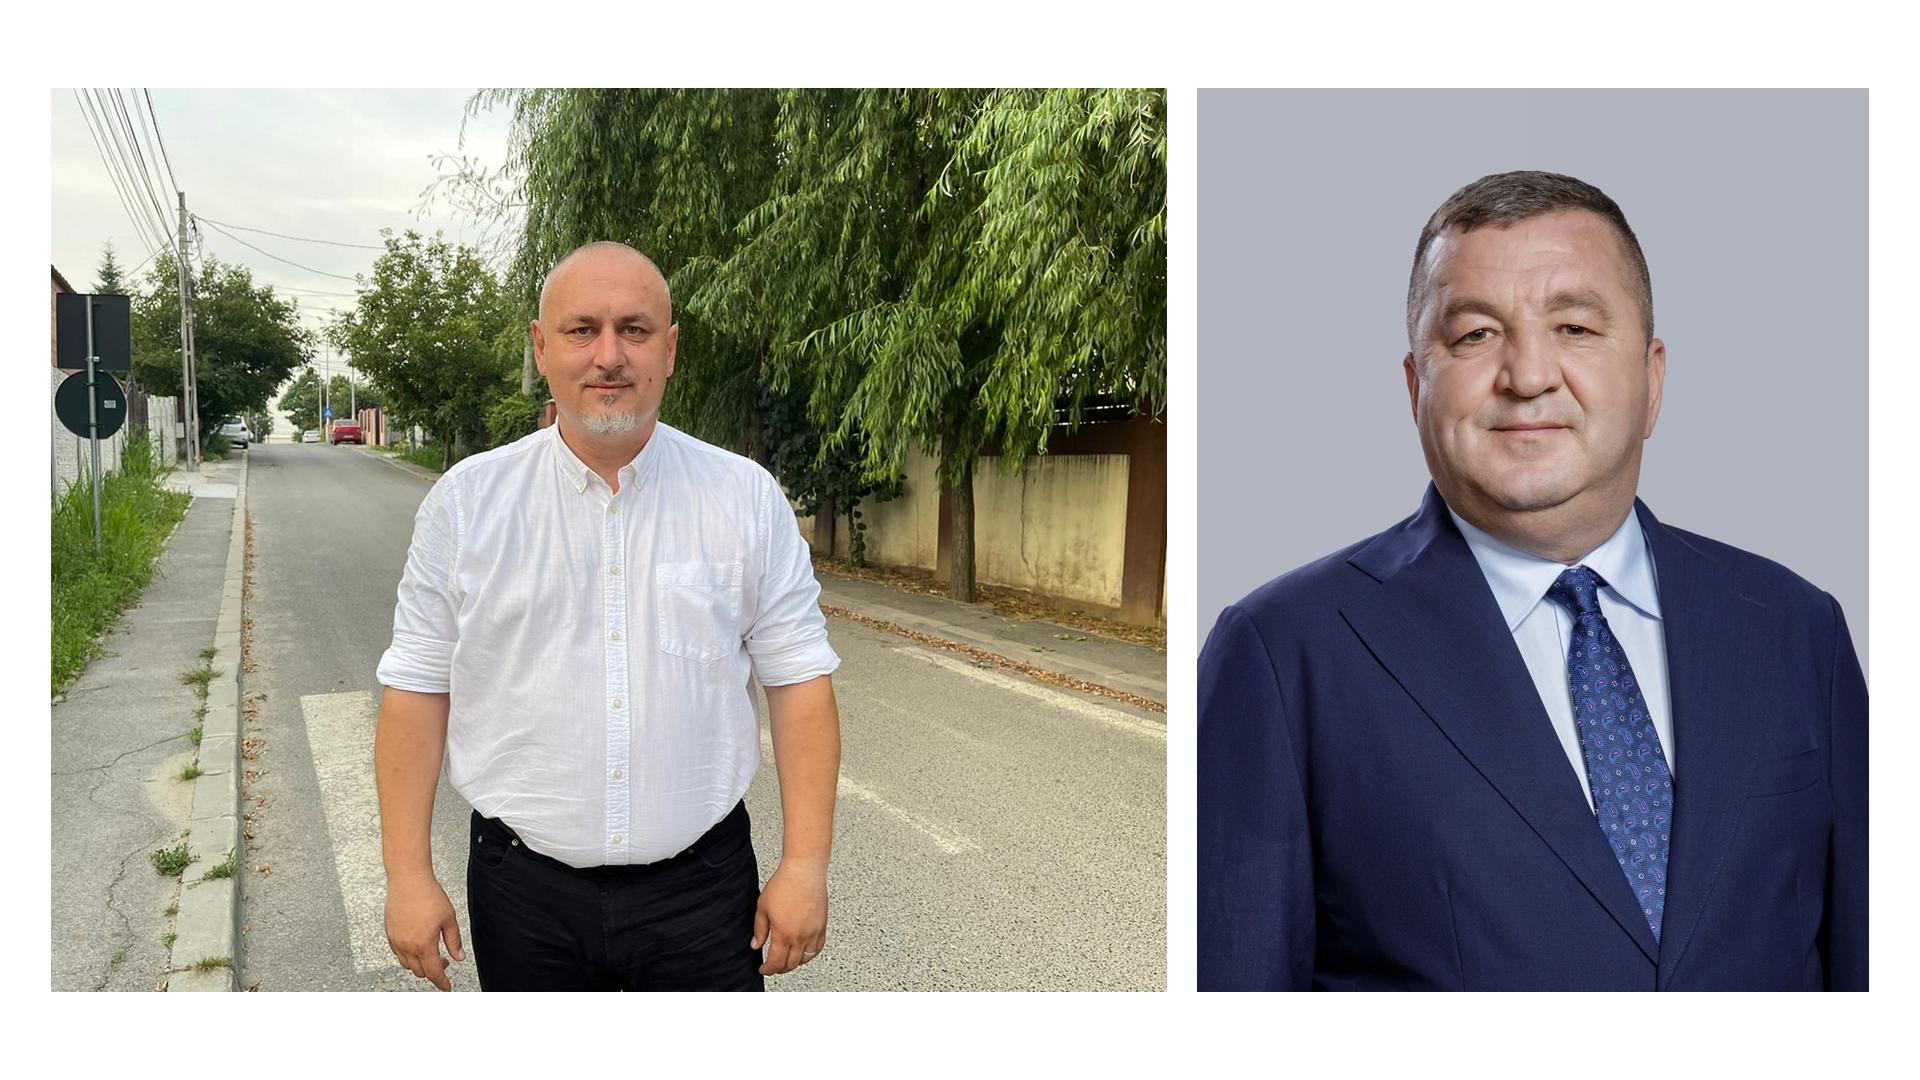 Zi decisivă pentru Bragadiru. AUR se bate cu șanse cu PNL-USR-PMP pentru postul de primar a capitalei ILFOV